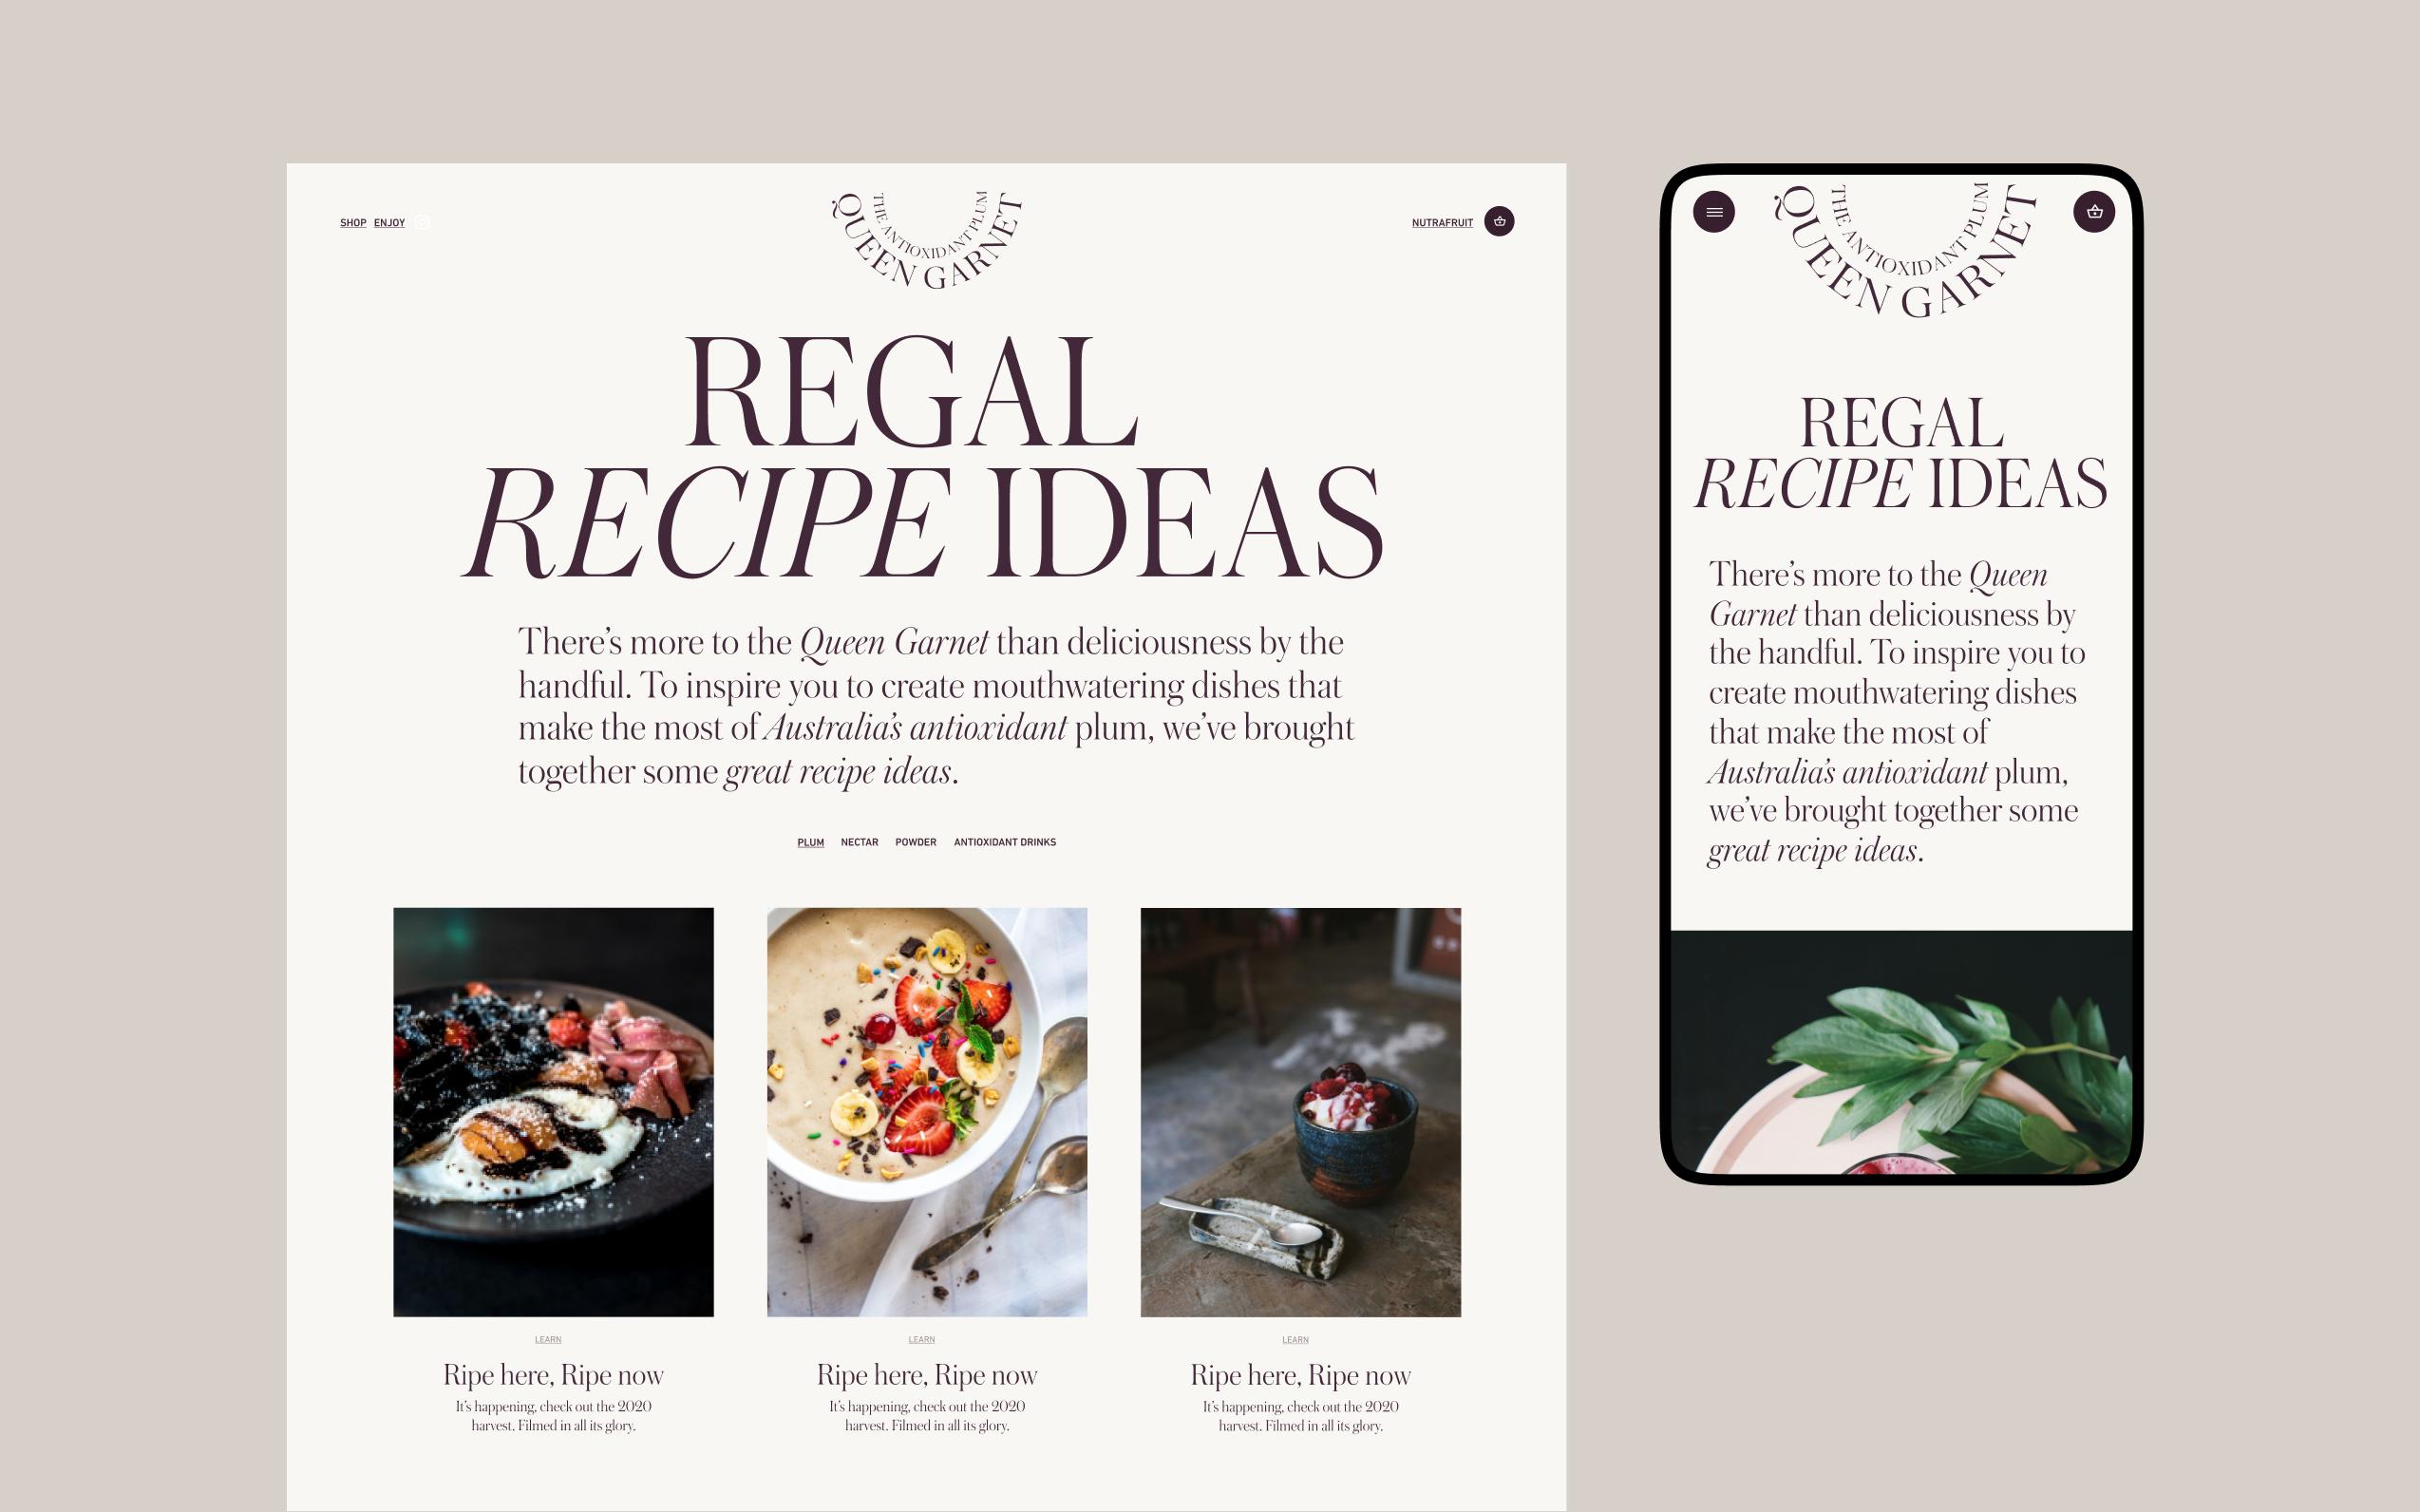 Desktop and mobile screen of the Queen Garnet website recipe page